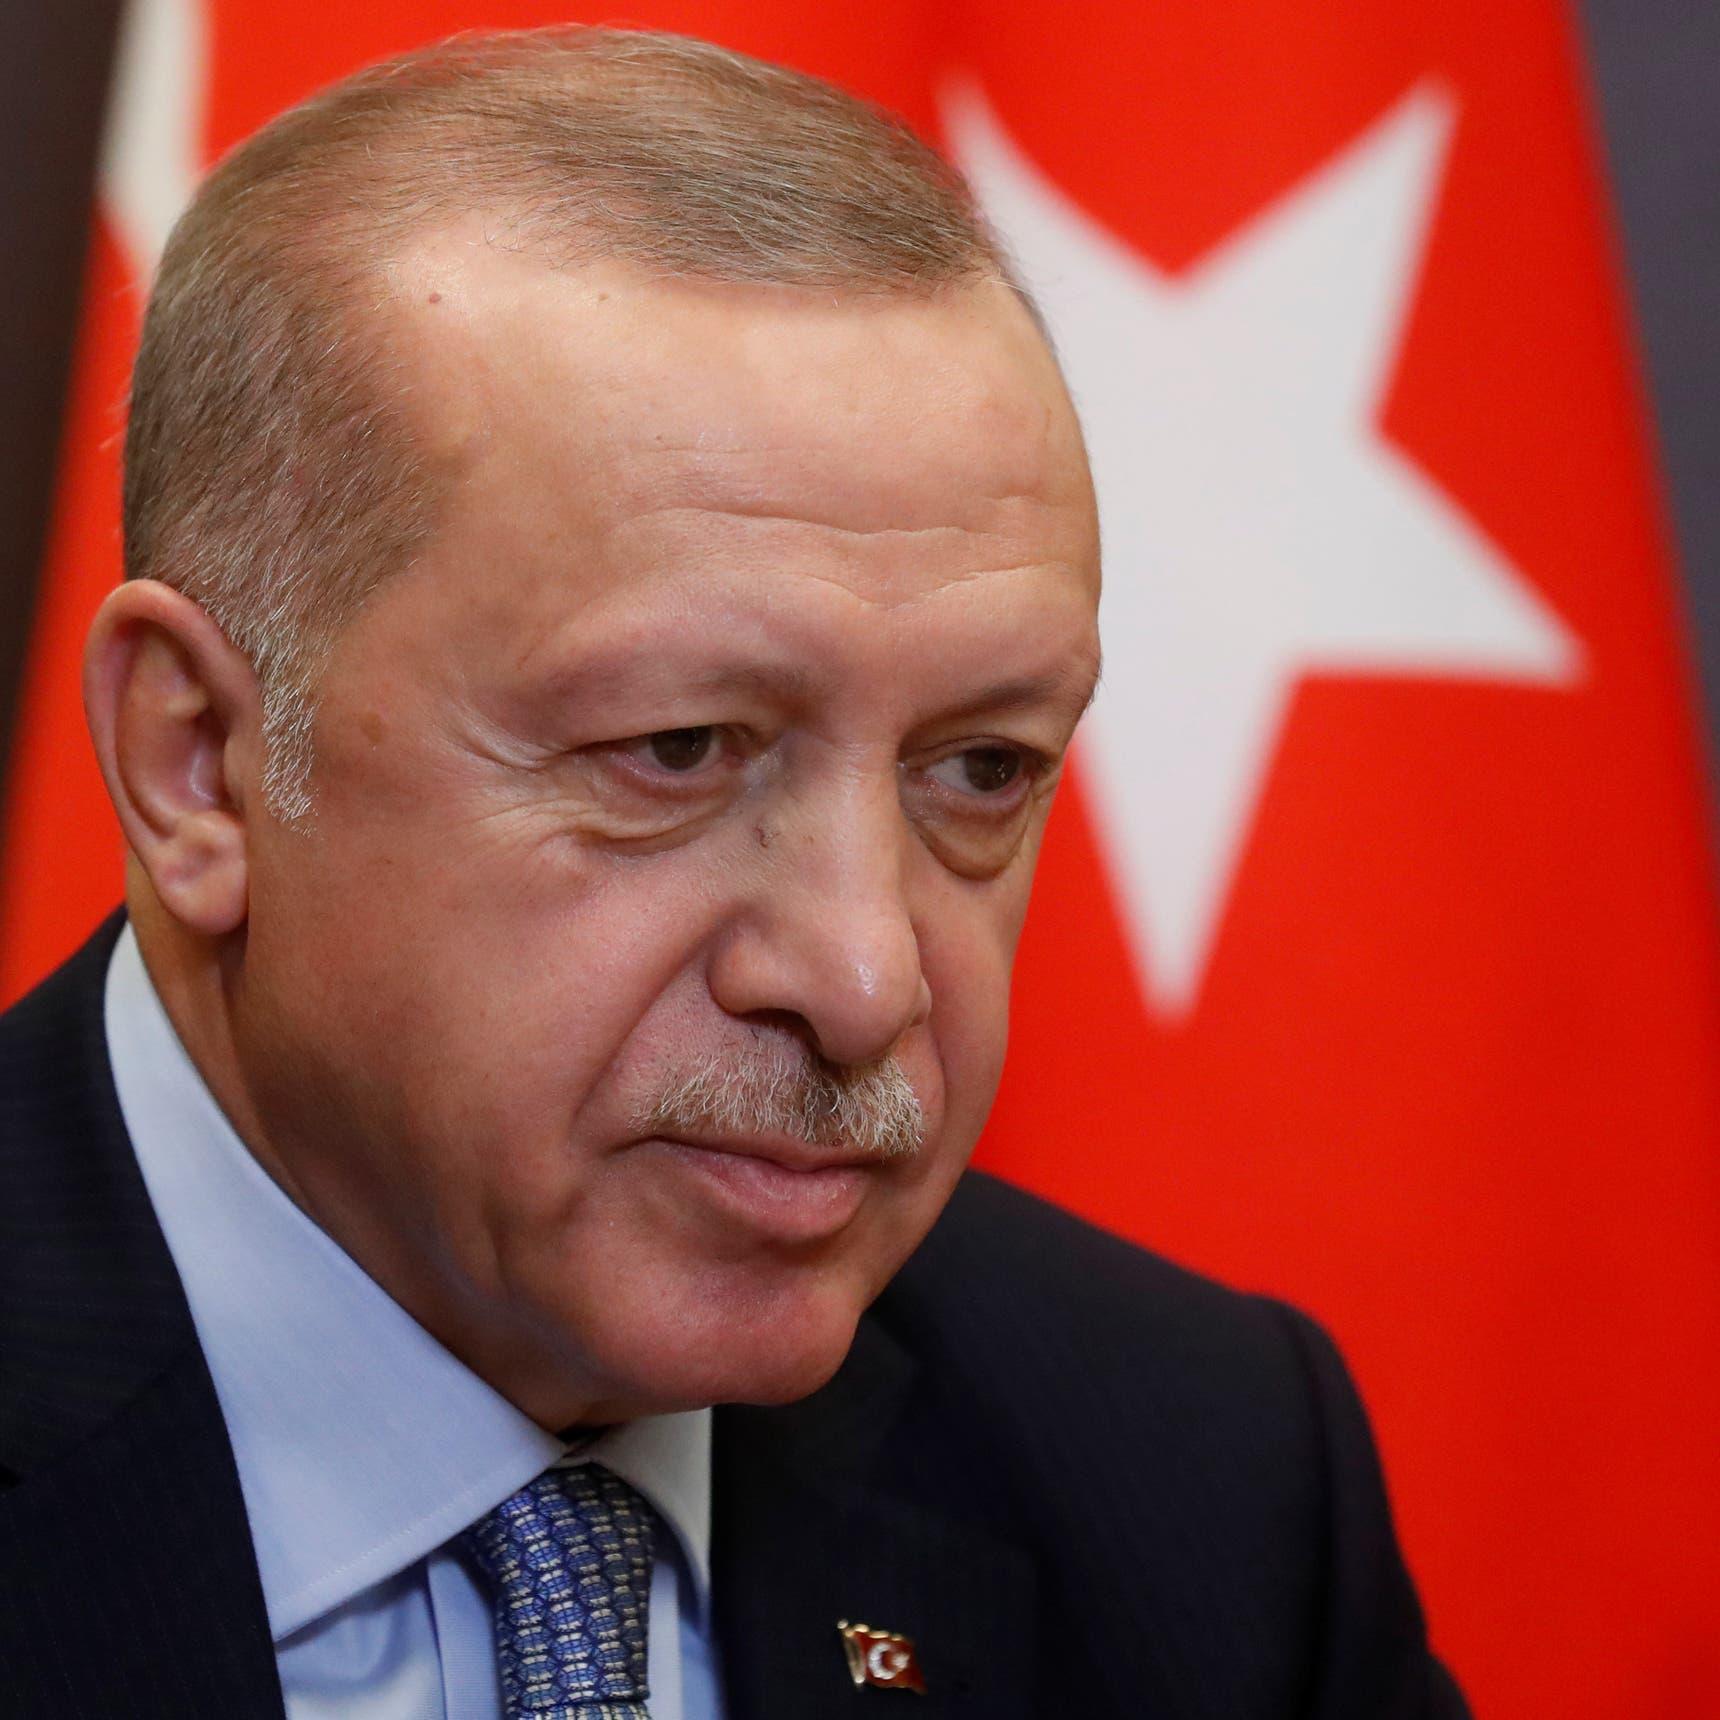 أردوغان: أشعر بالأسى على فقدان